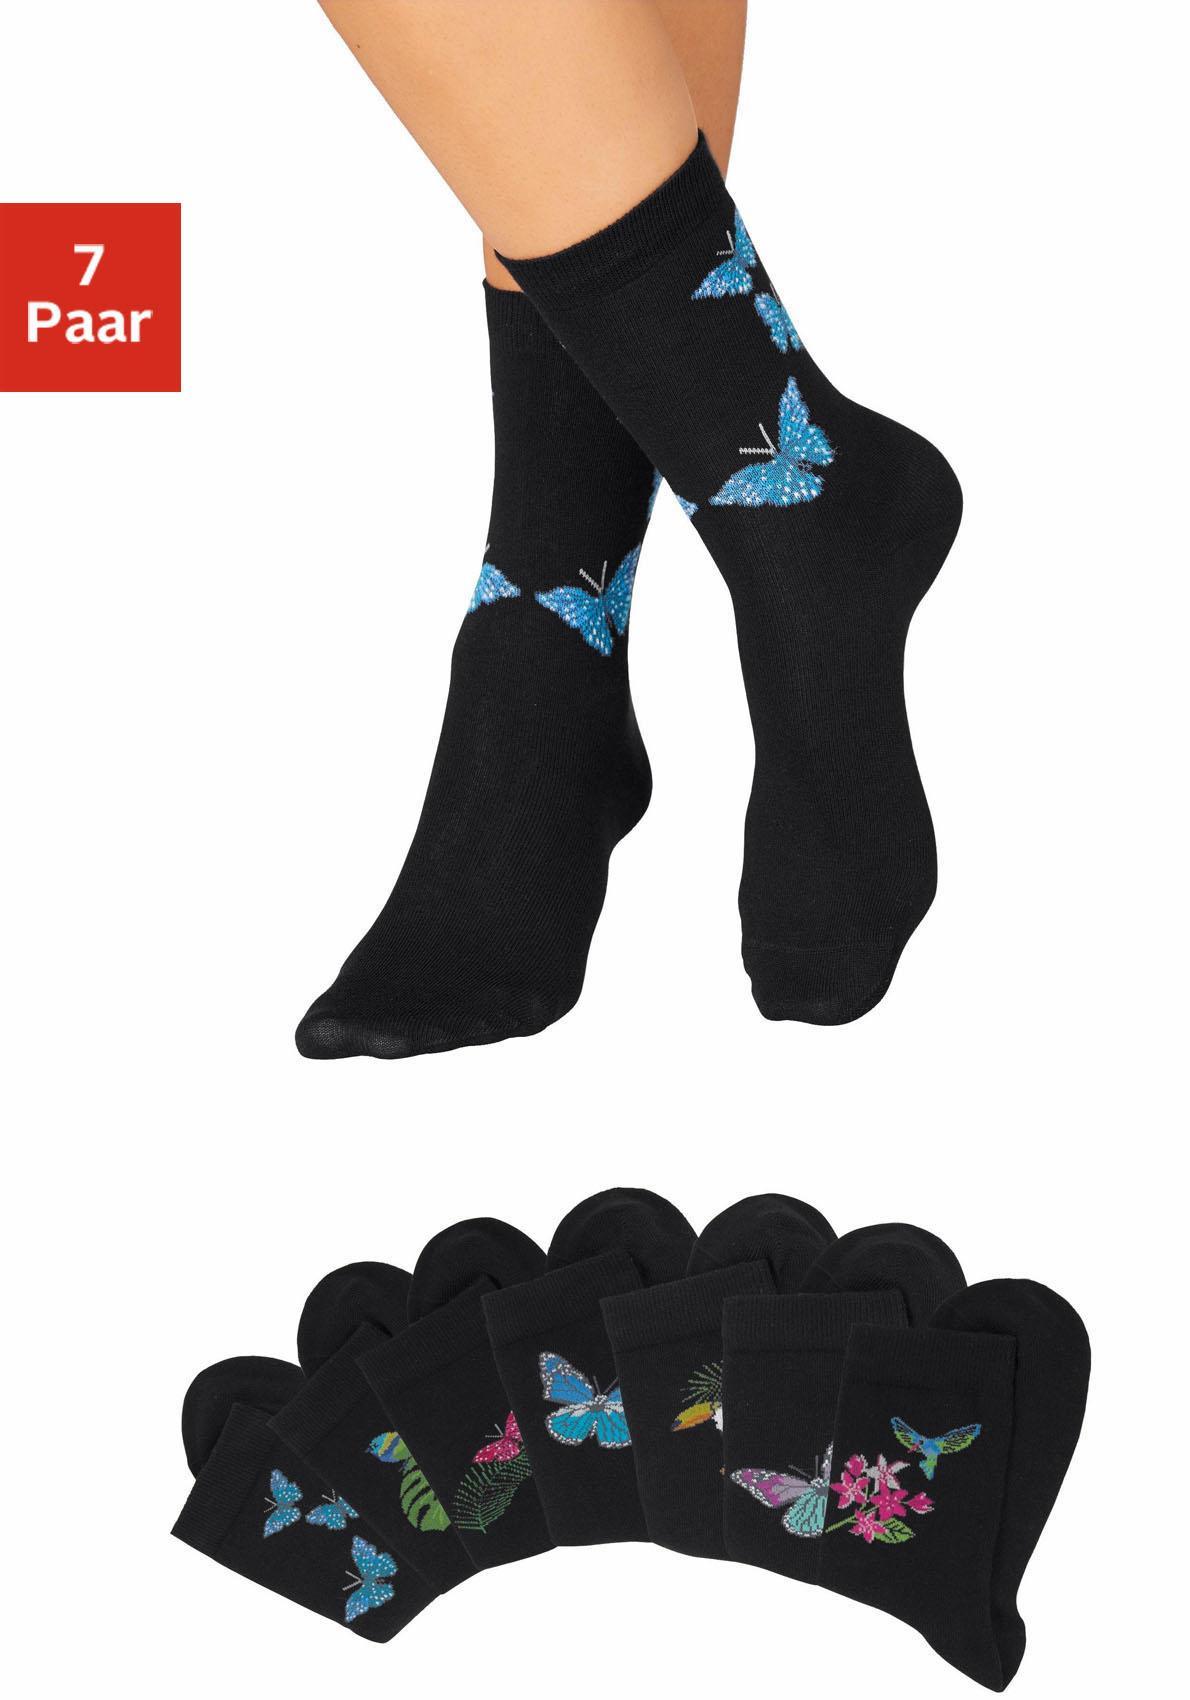 H.I.S Socken (7 Paar) mit Schmetterlings- und Vogelmotiven